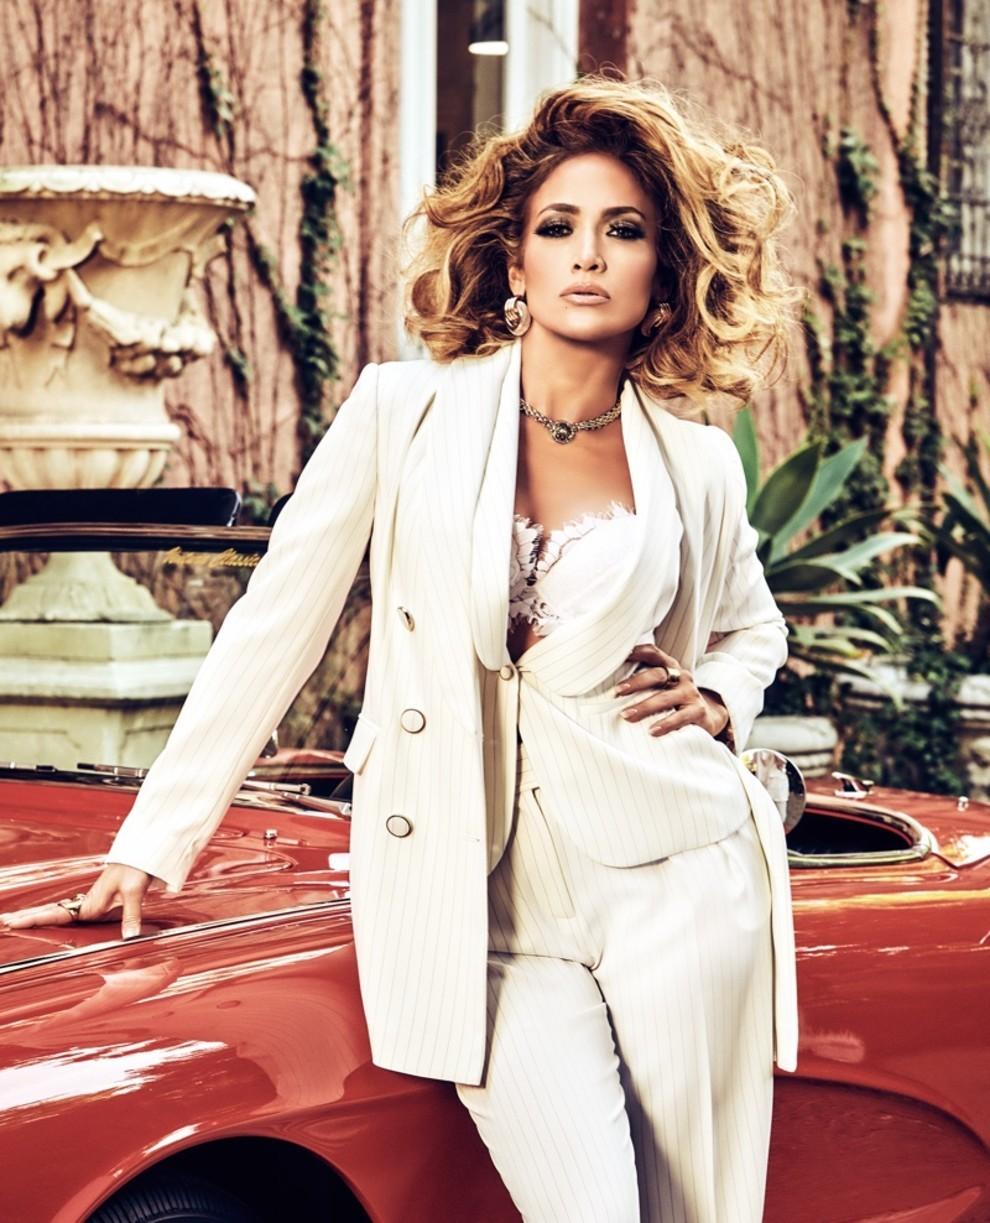 Дженнифер Лопес снялась в образе Софи Лорен: для новой рекламной кампании Guess - фото №2